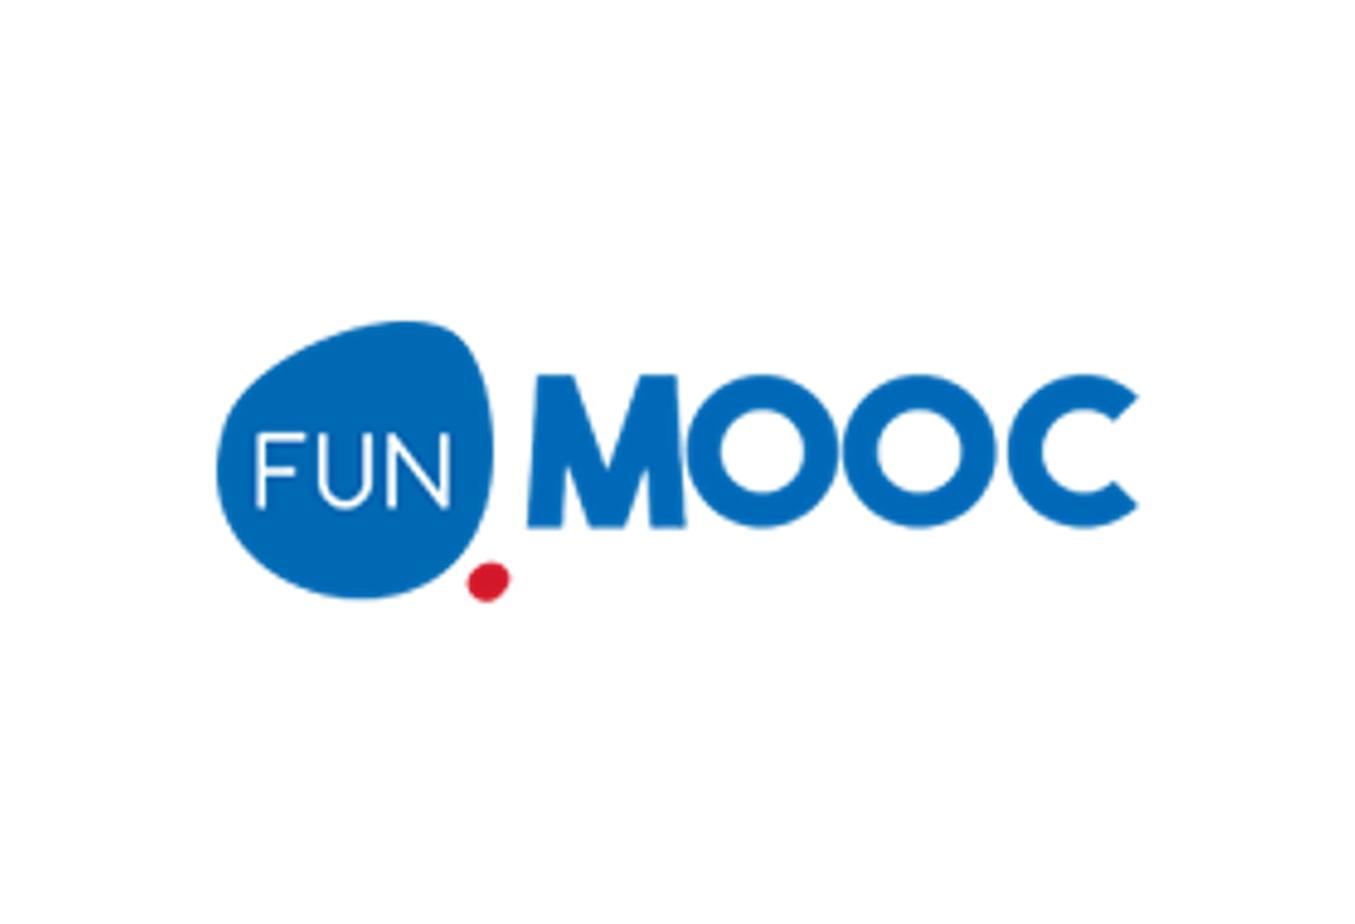 Fun Mooc 2